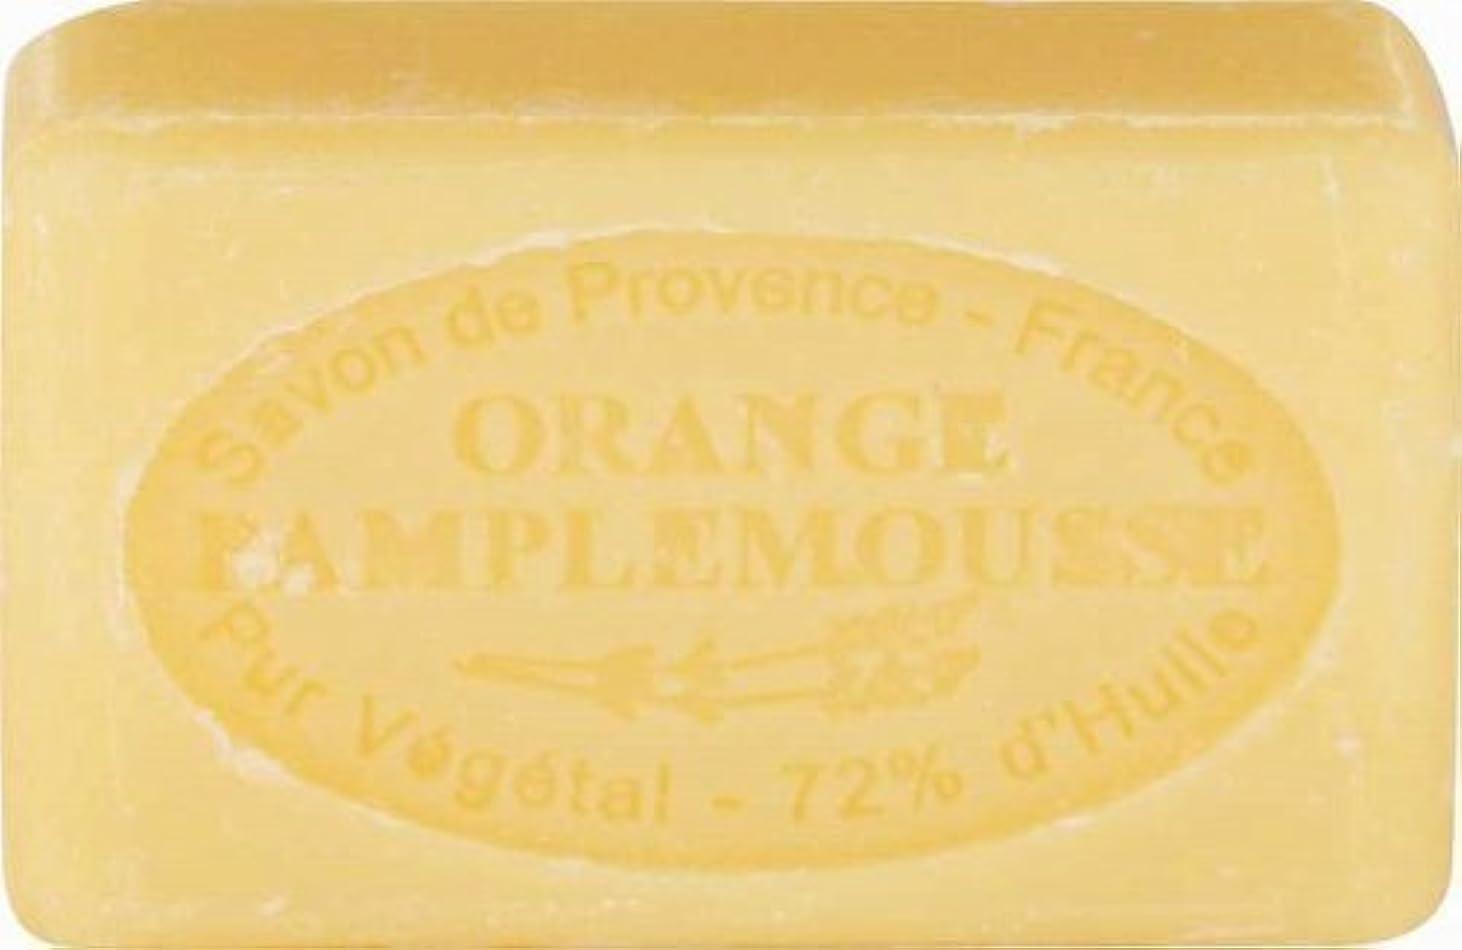 物語宿泊によってル?シャトラール ソープ 60g オレンジグレープフルーツ SAVON60